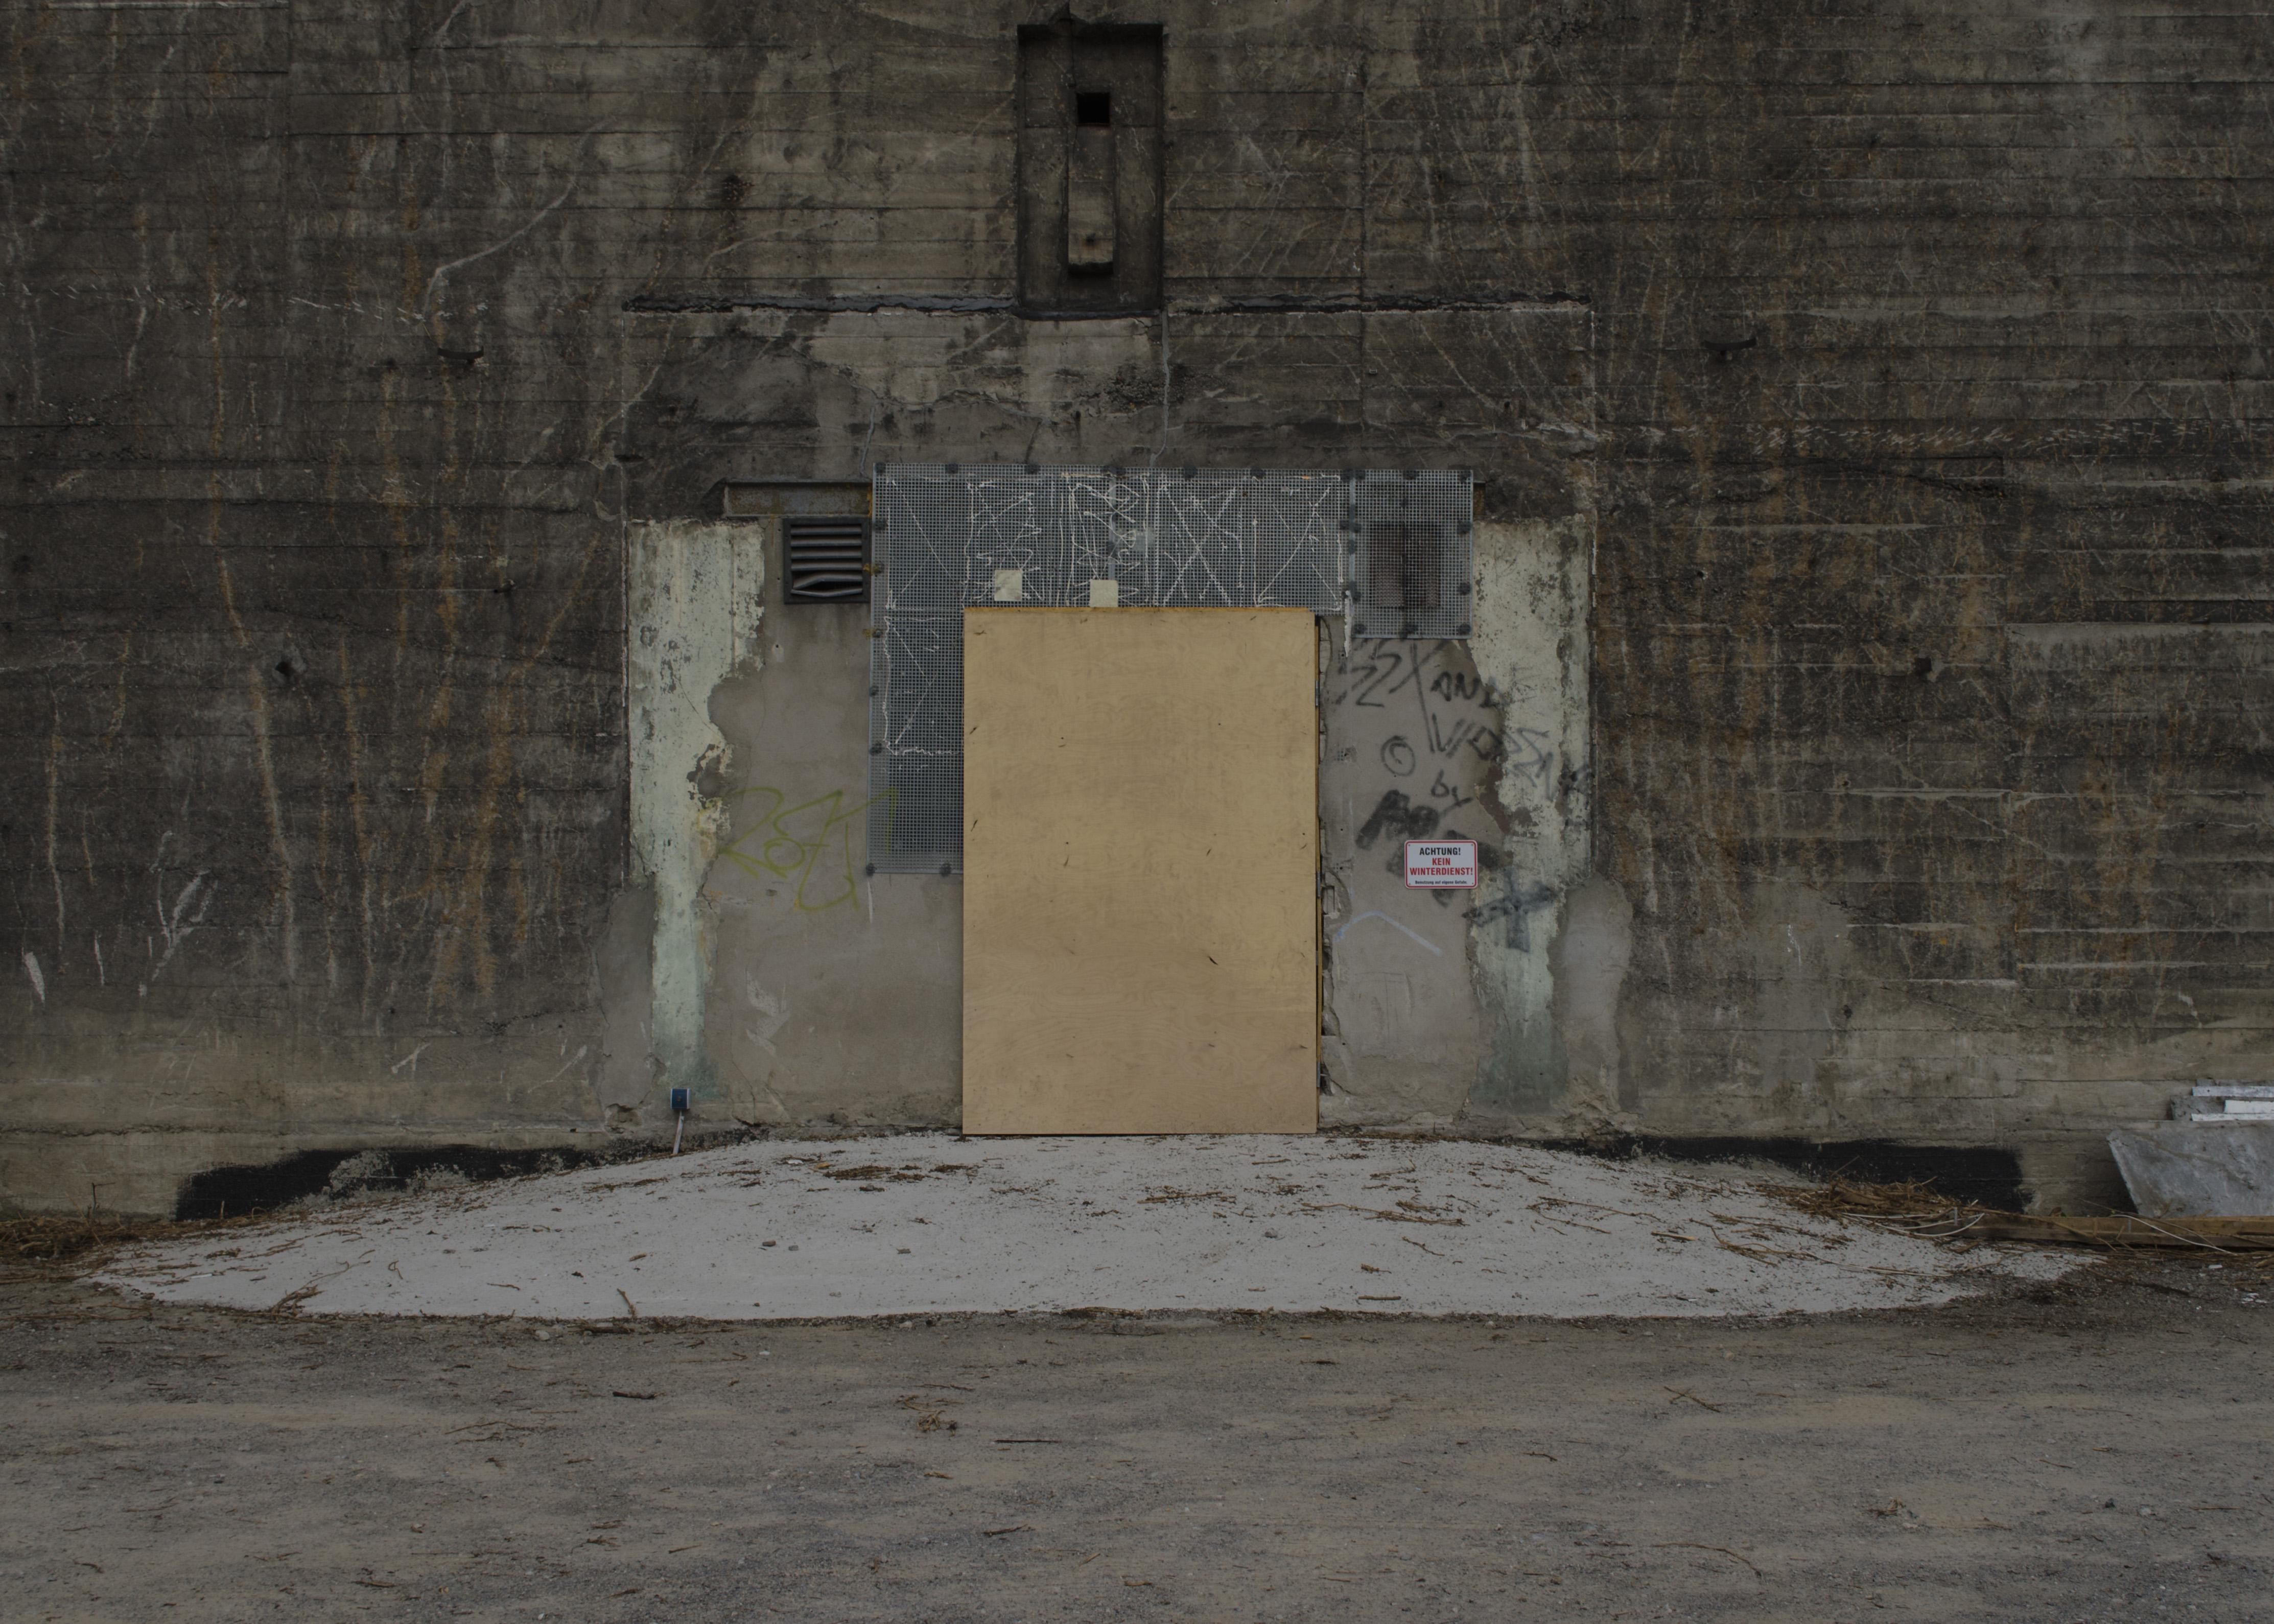 デスクトップ壁紙 寺院 ダーク シティ 通り 抽象 ミニマリズム